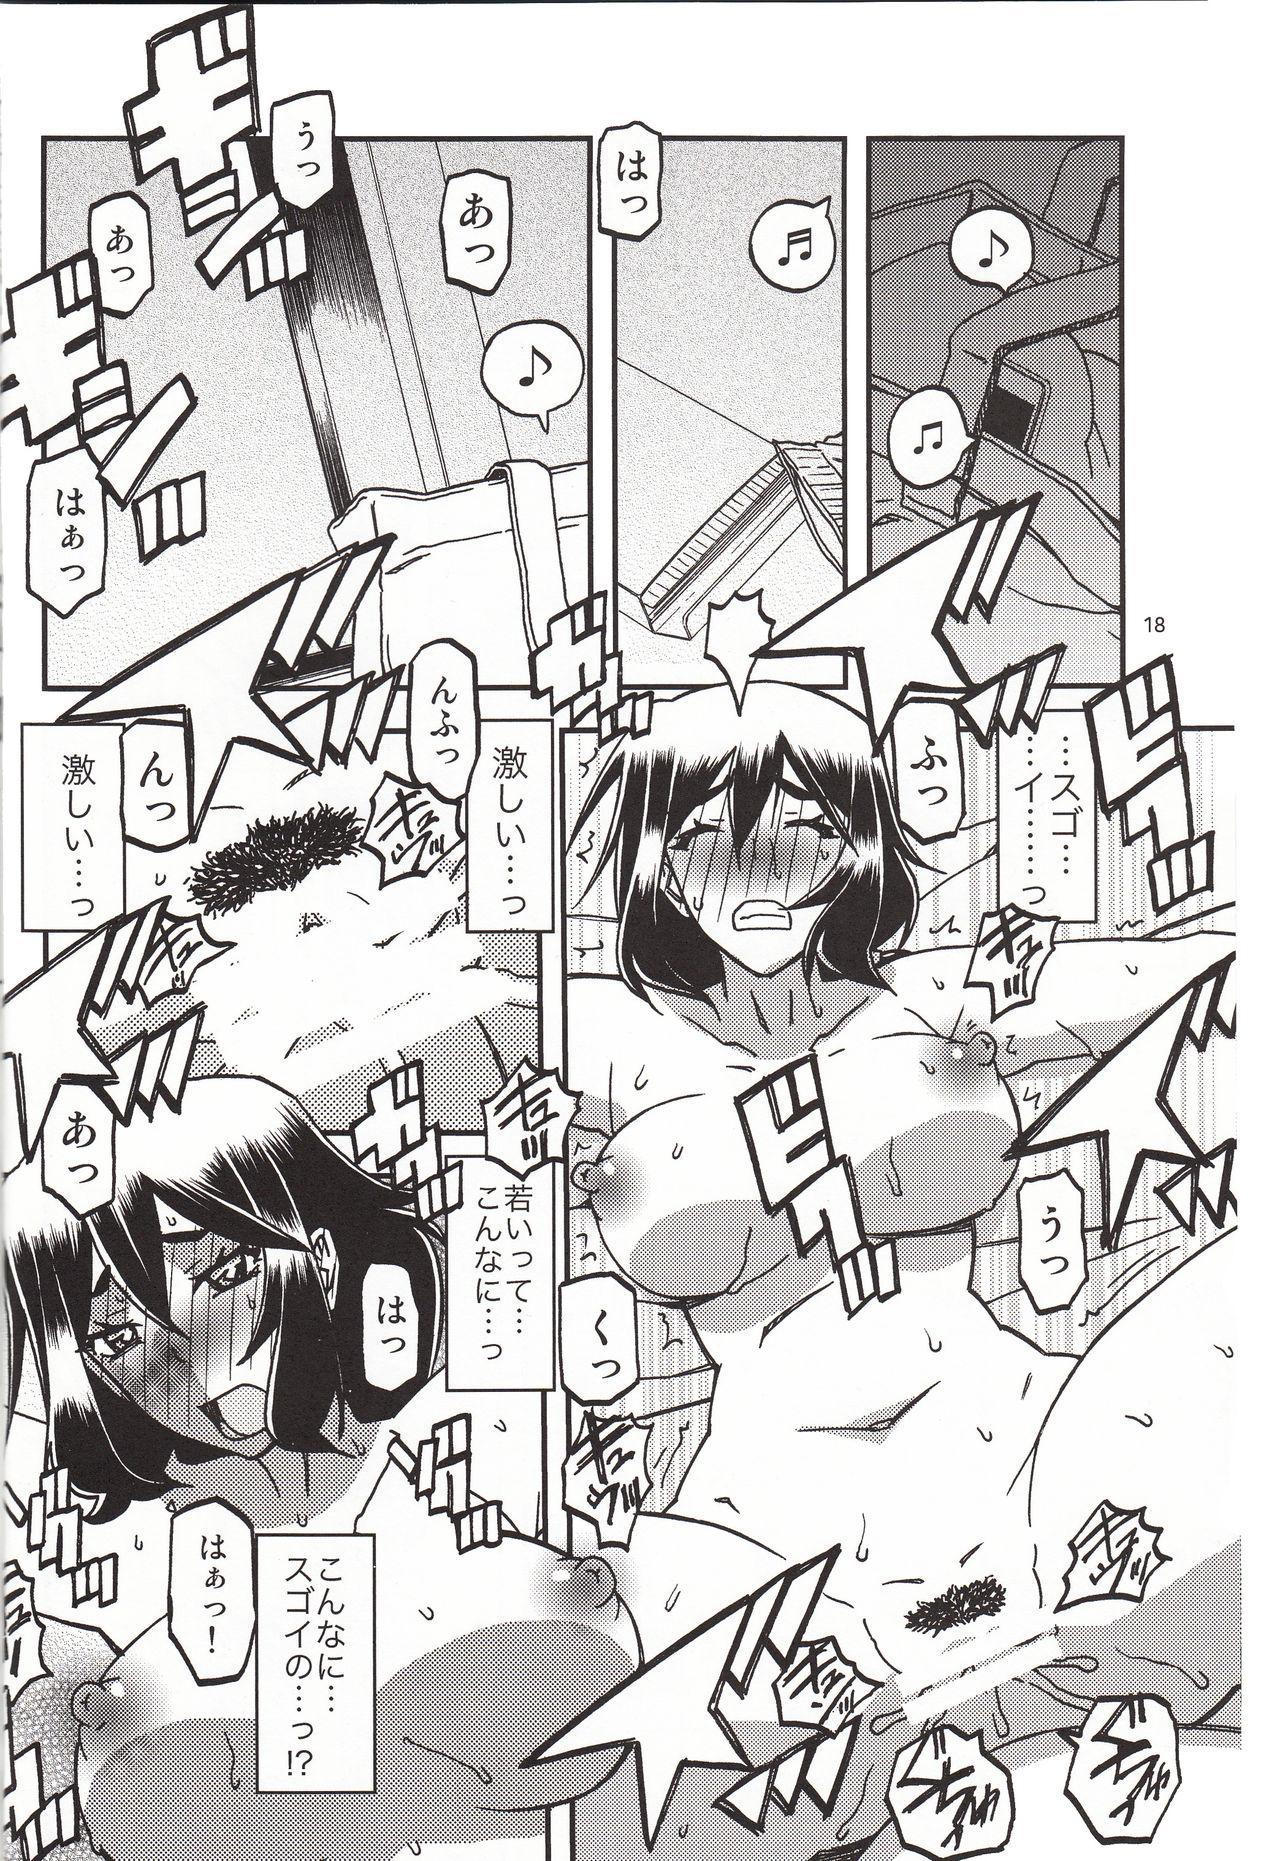 Akebi no Mi - Chizuru katei 16